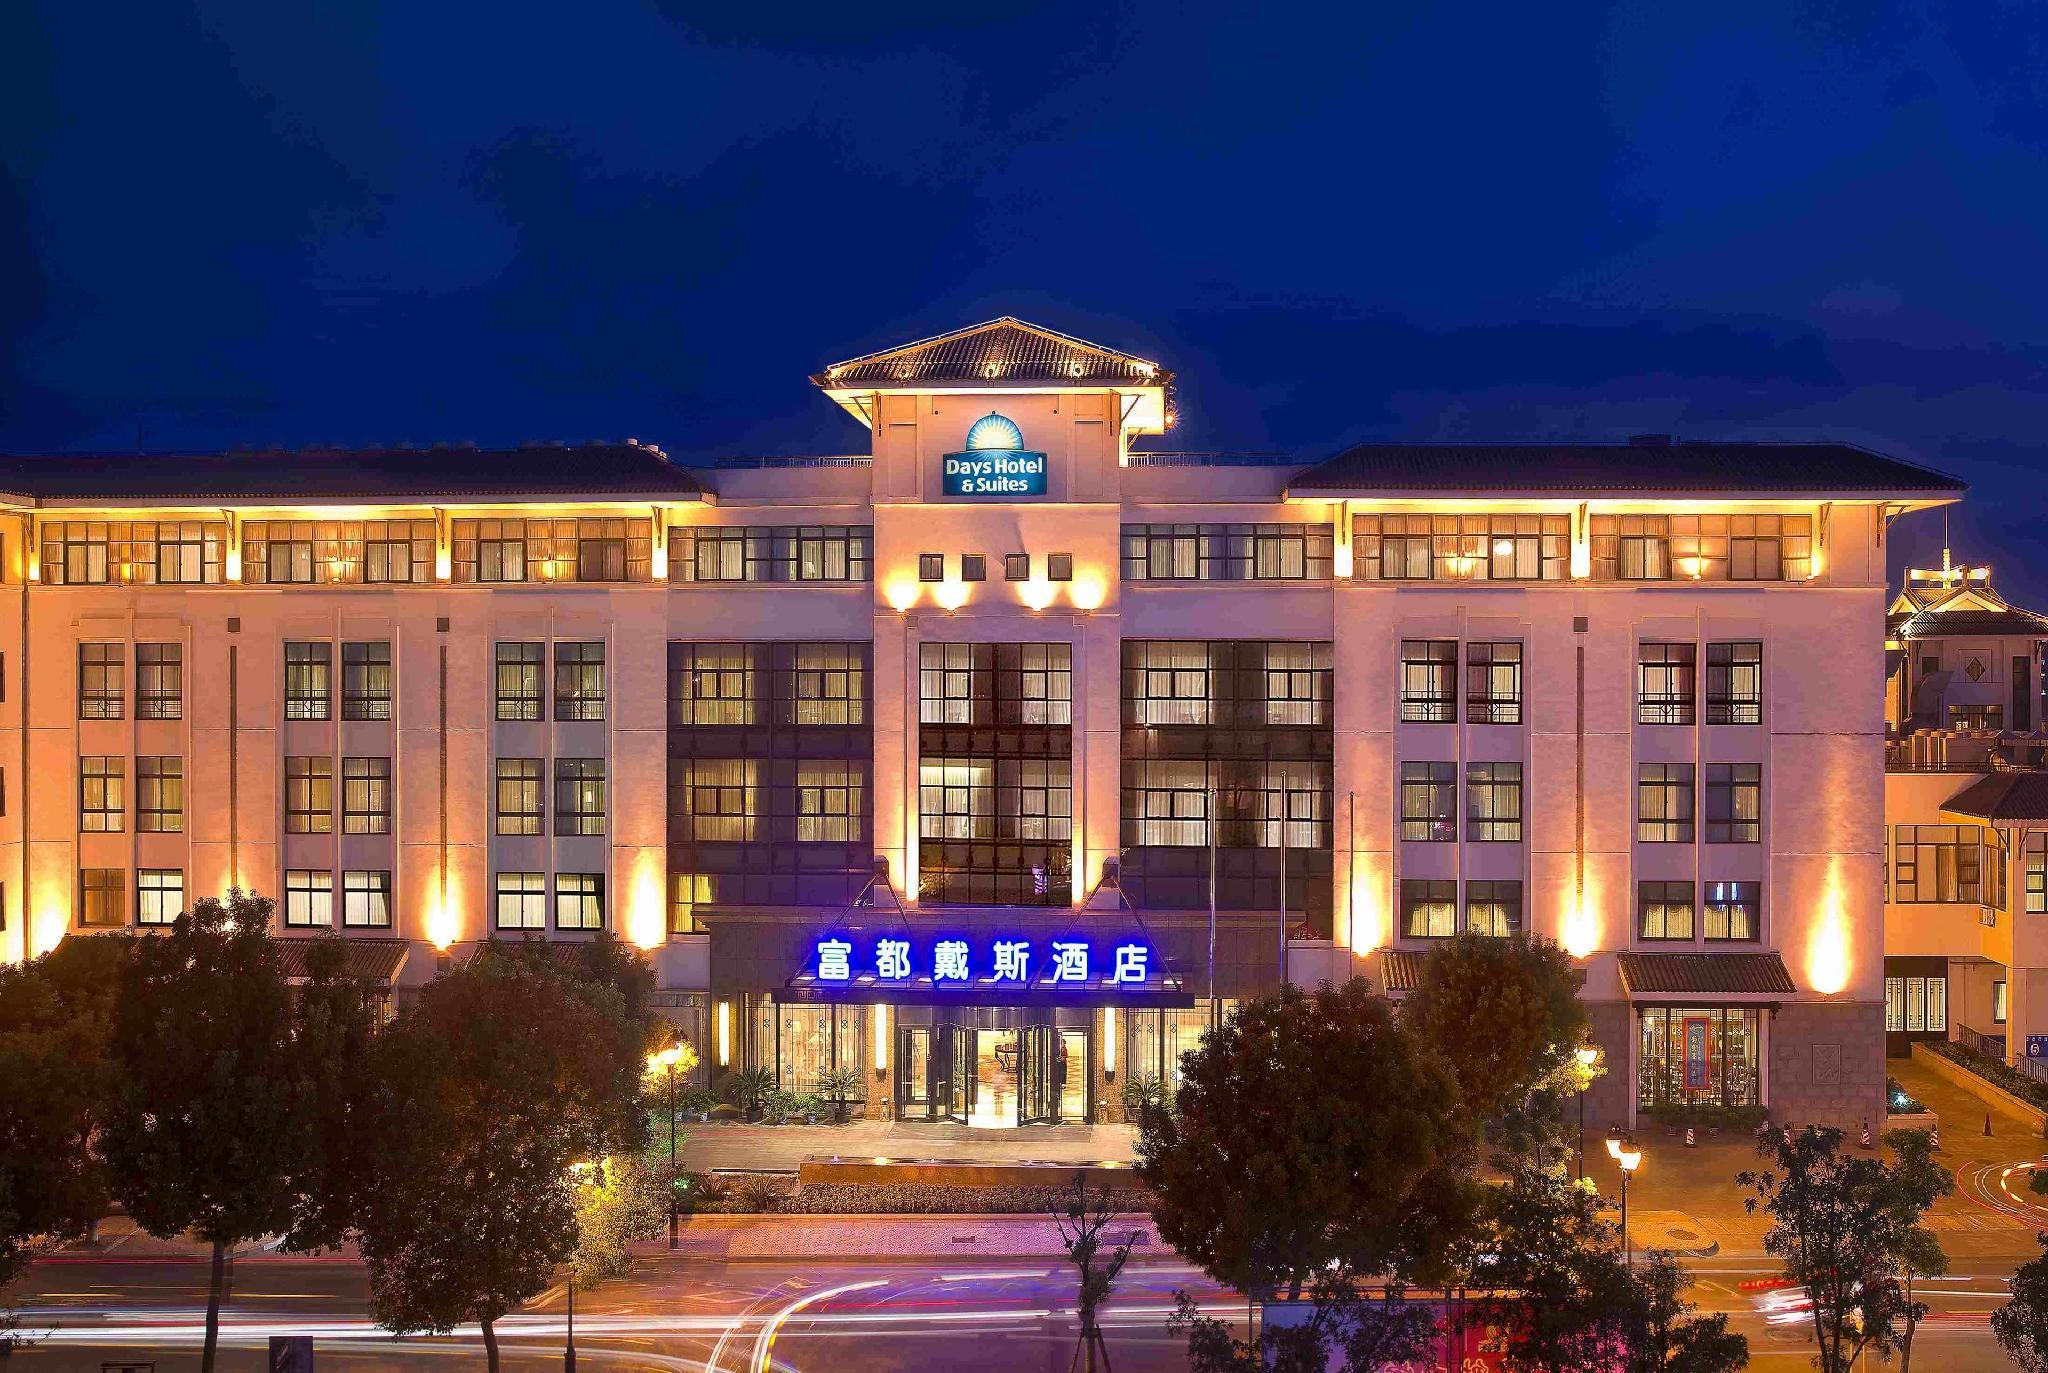 10 best changzhou hotels hd photos reviews of hotels in changzhou rh agoda com